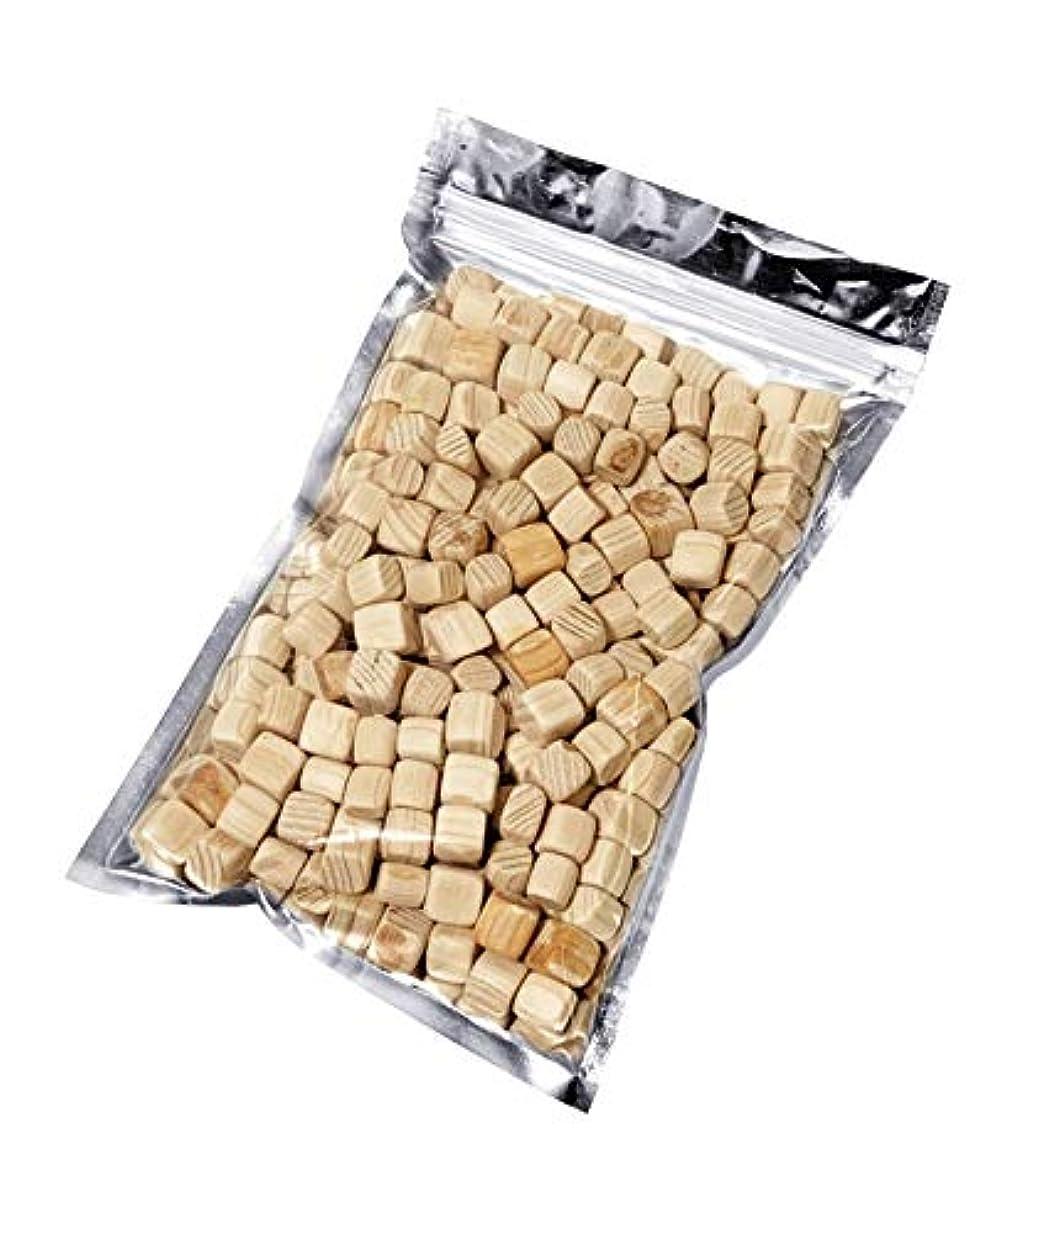 原理仕事津波kicoriya 国産ヒノキ キューブ状ブロック 90g サシェ用袋付き